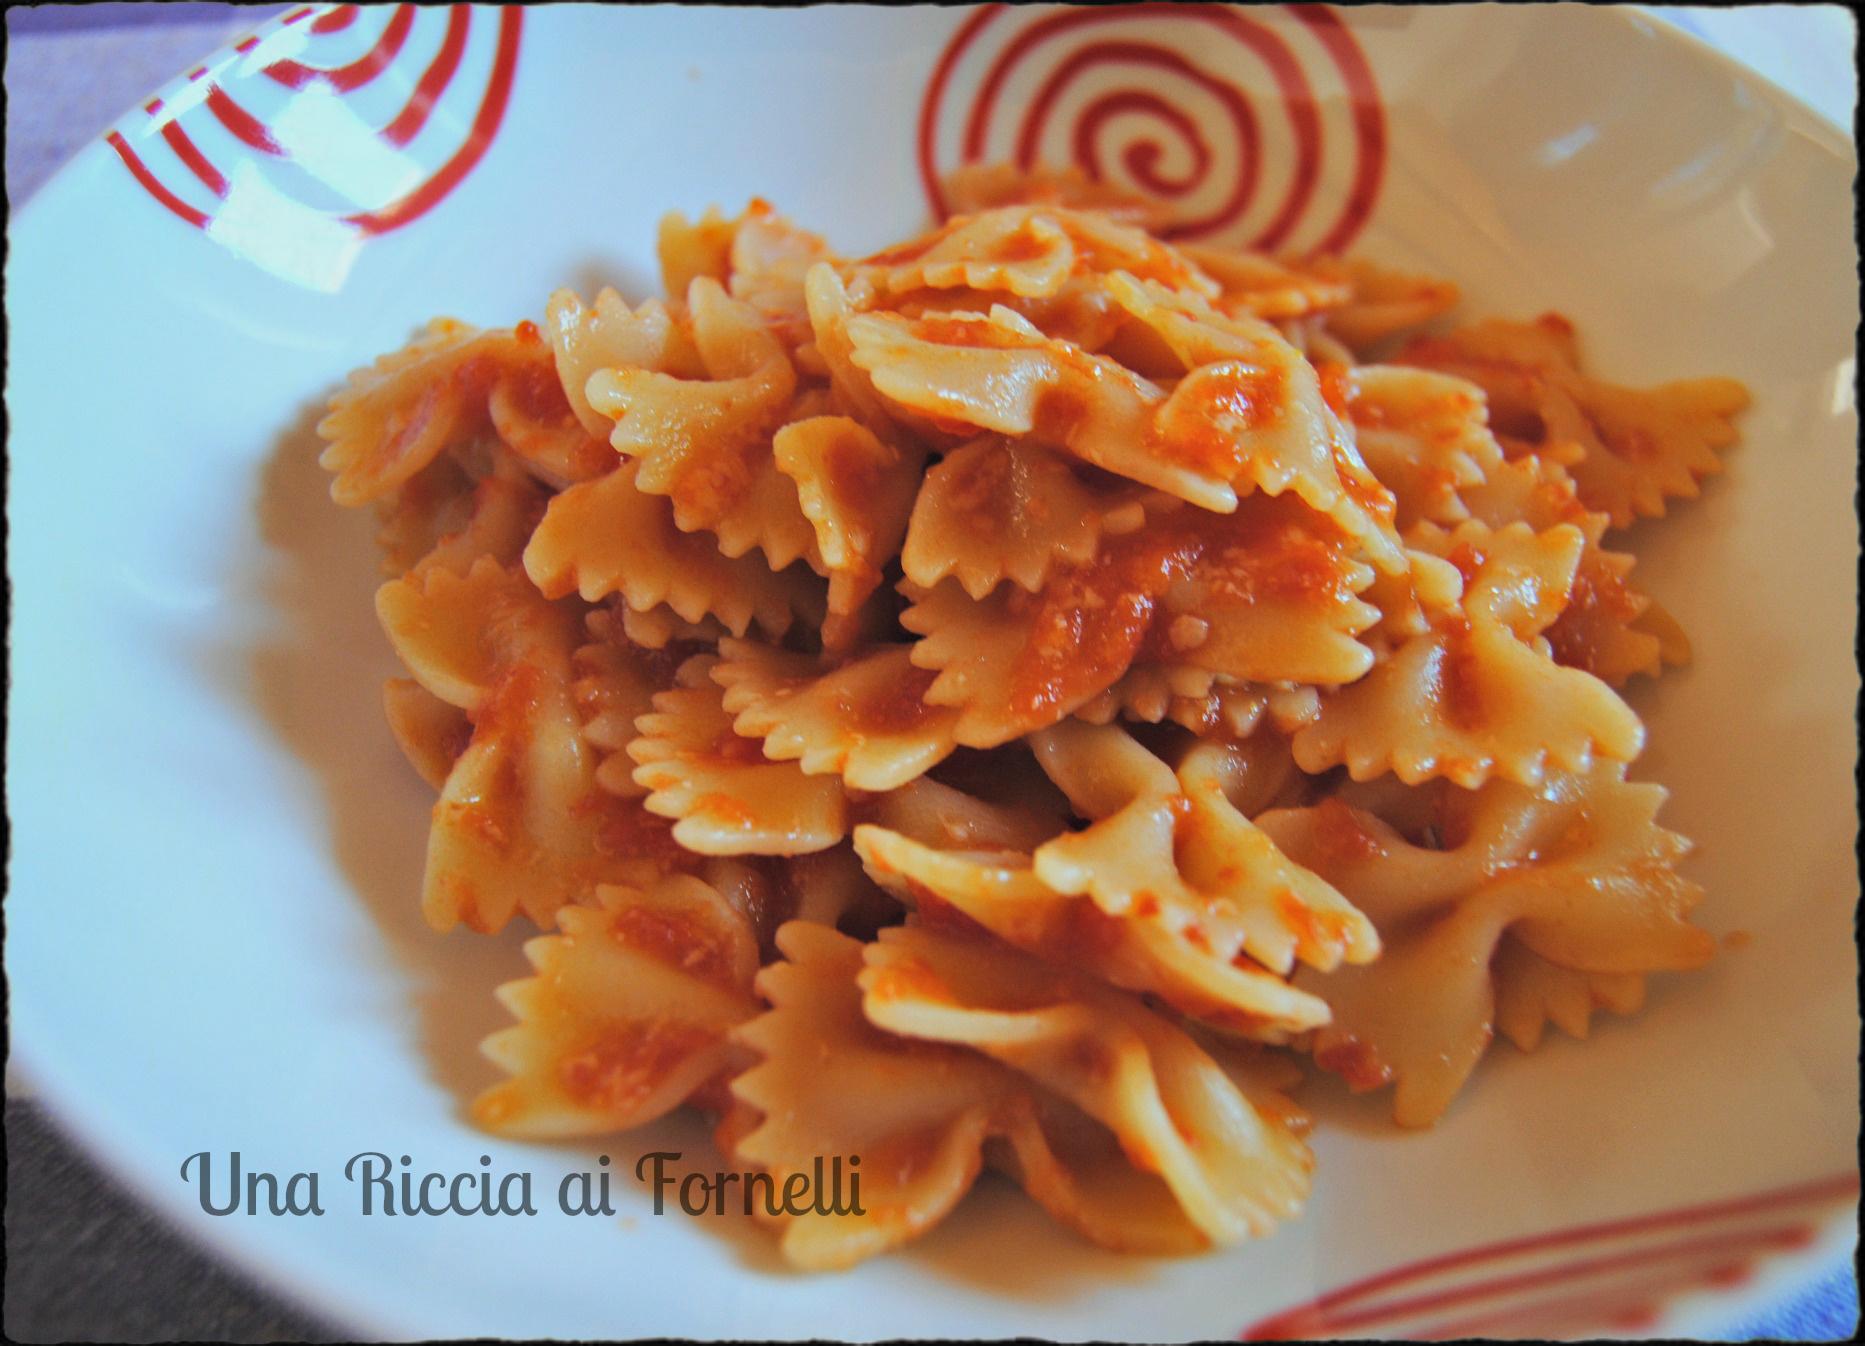 Pasta al sugo di pomodoro, ricetta semplice - Una Riccia ai Fornelli